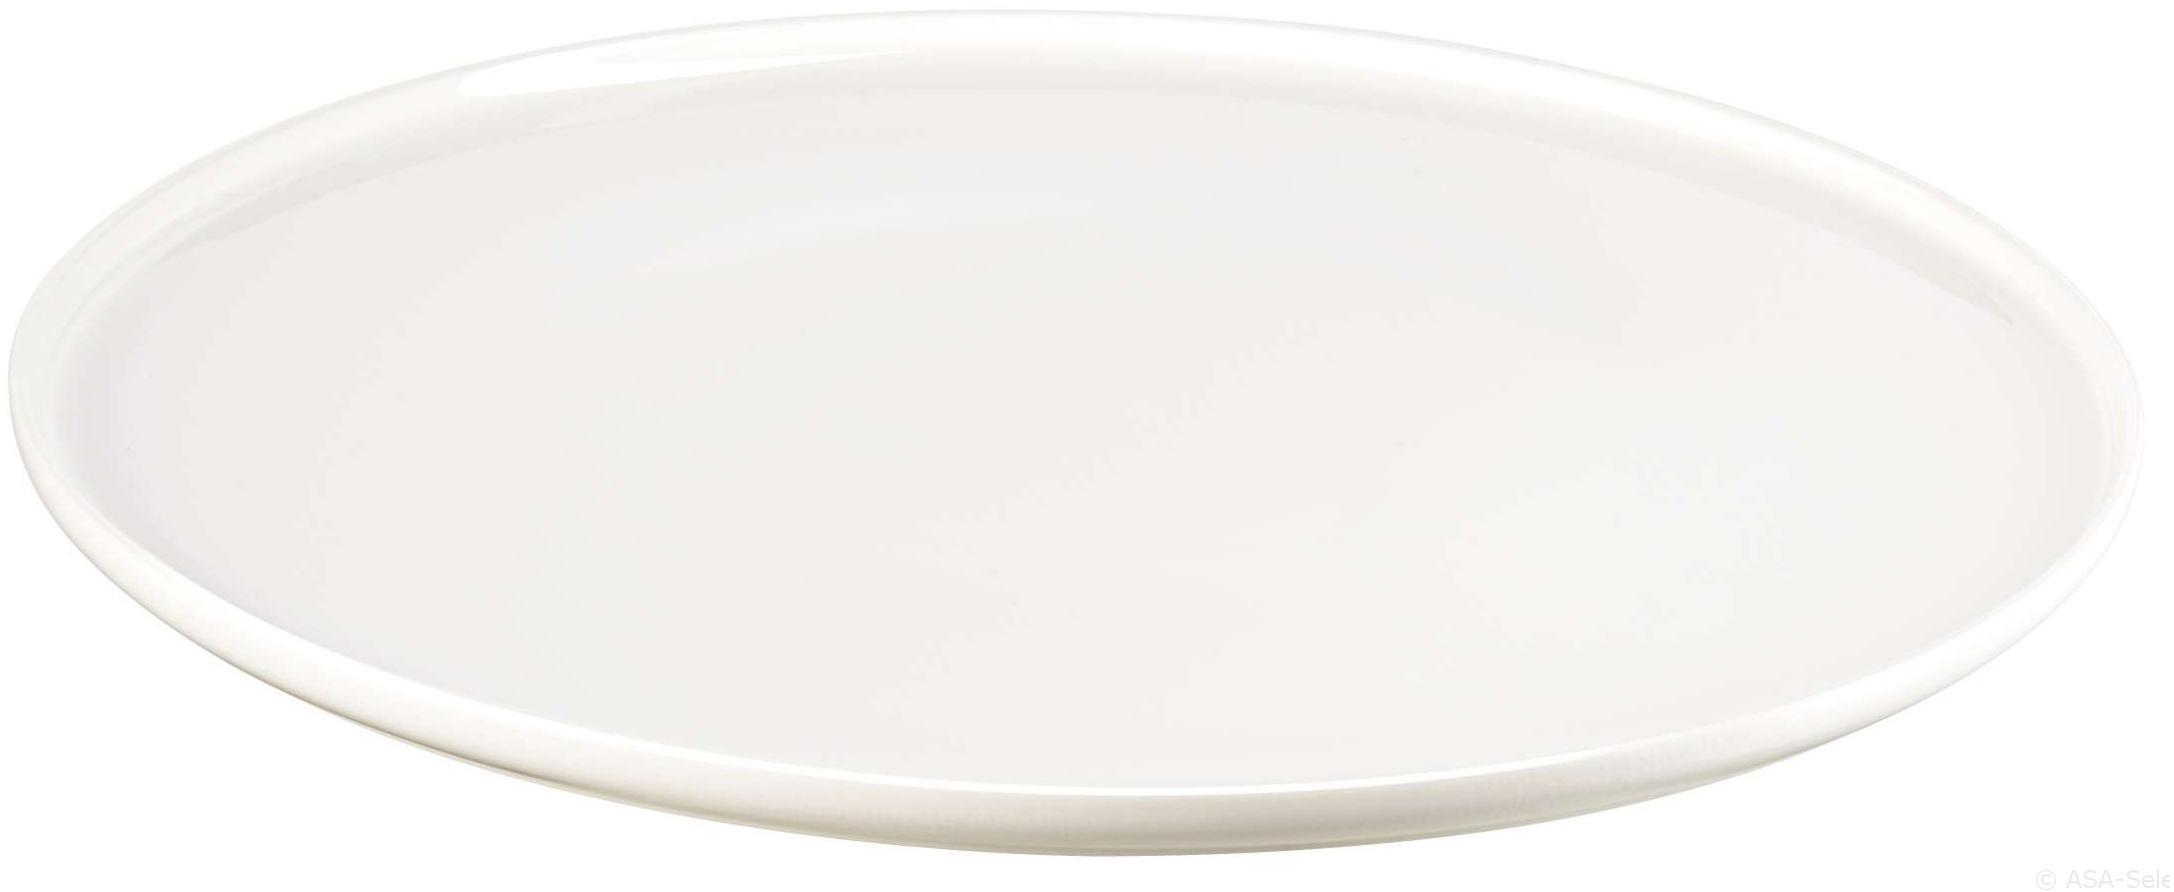 Fine Bone China Speiseteller Oco, 6 Stück, Fine Bone China (Porzellan) Fine Bone China ist ein Weichporzellan, das sich besonders durch seinen strahlenden, durchscheinenden Glanz auszeichnet., Elfenbein, Ø 27 cm